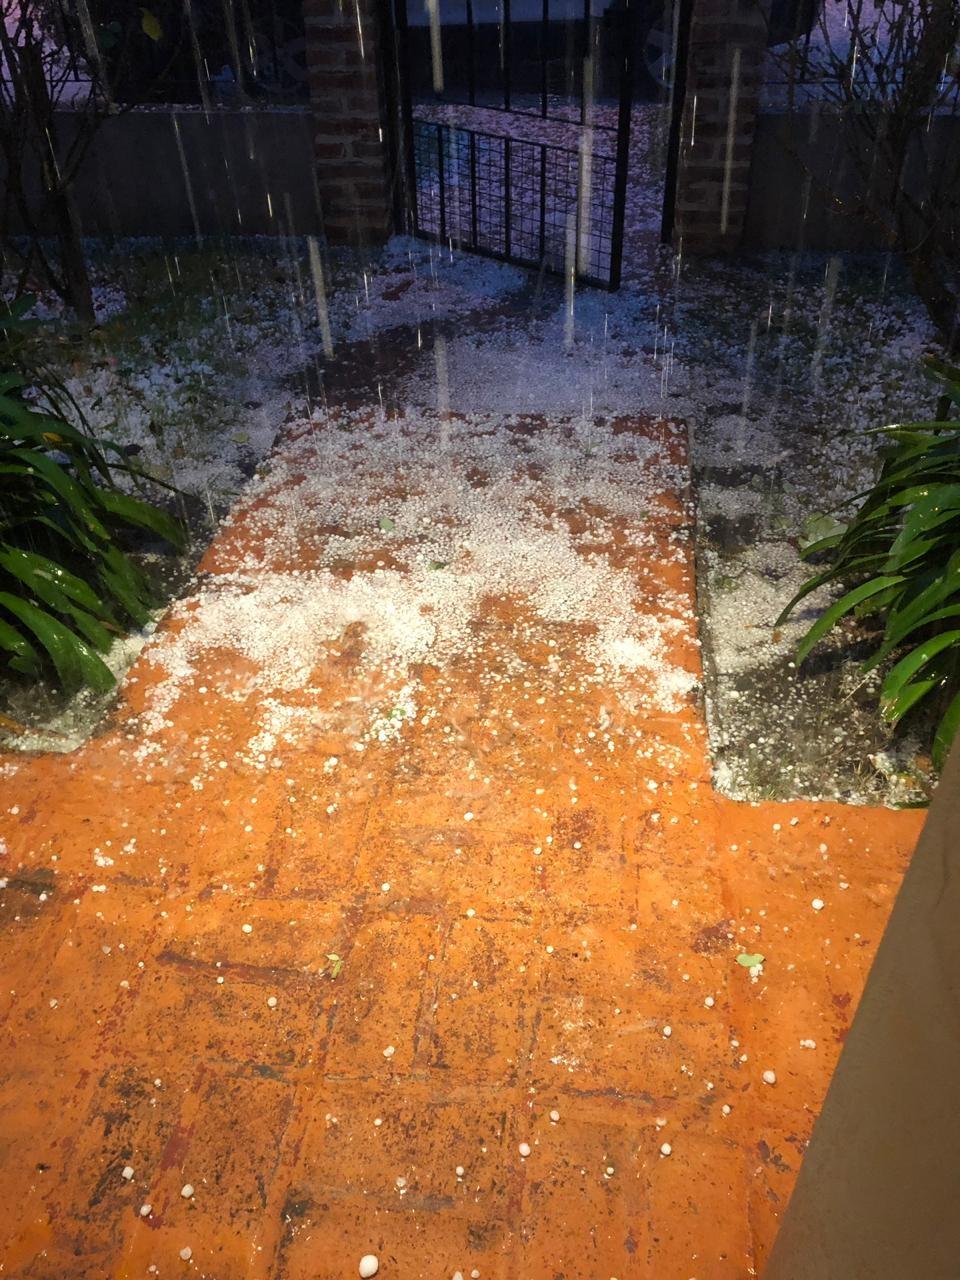 Tormenta: lluvia y piedras